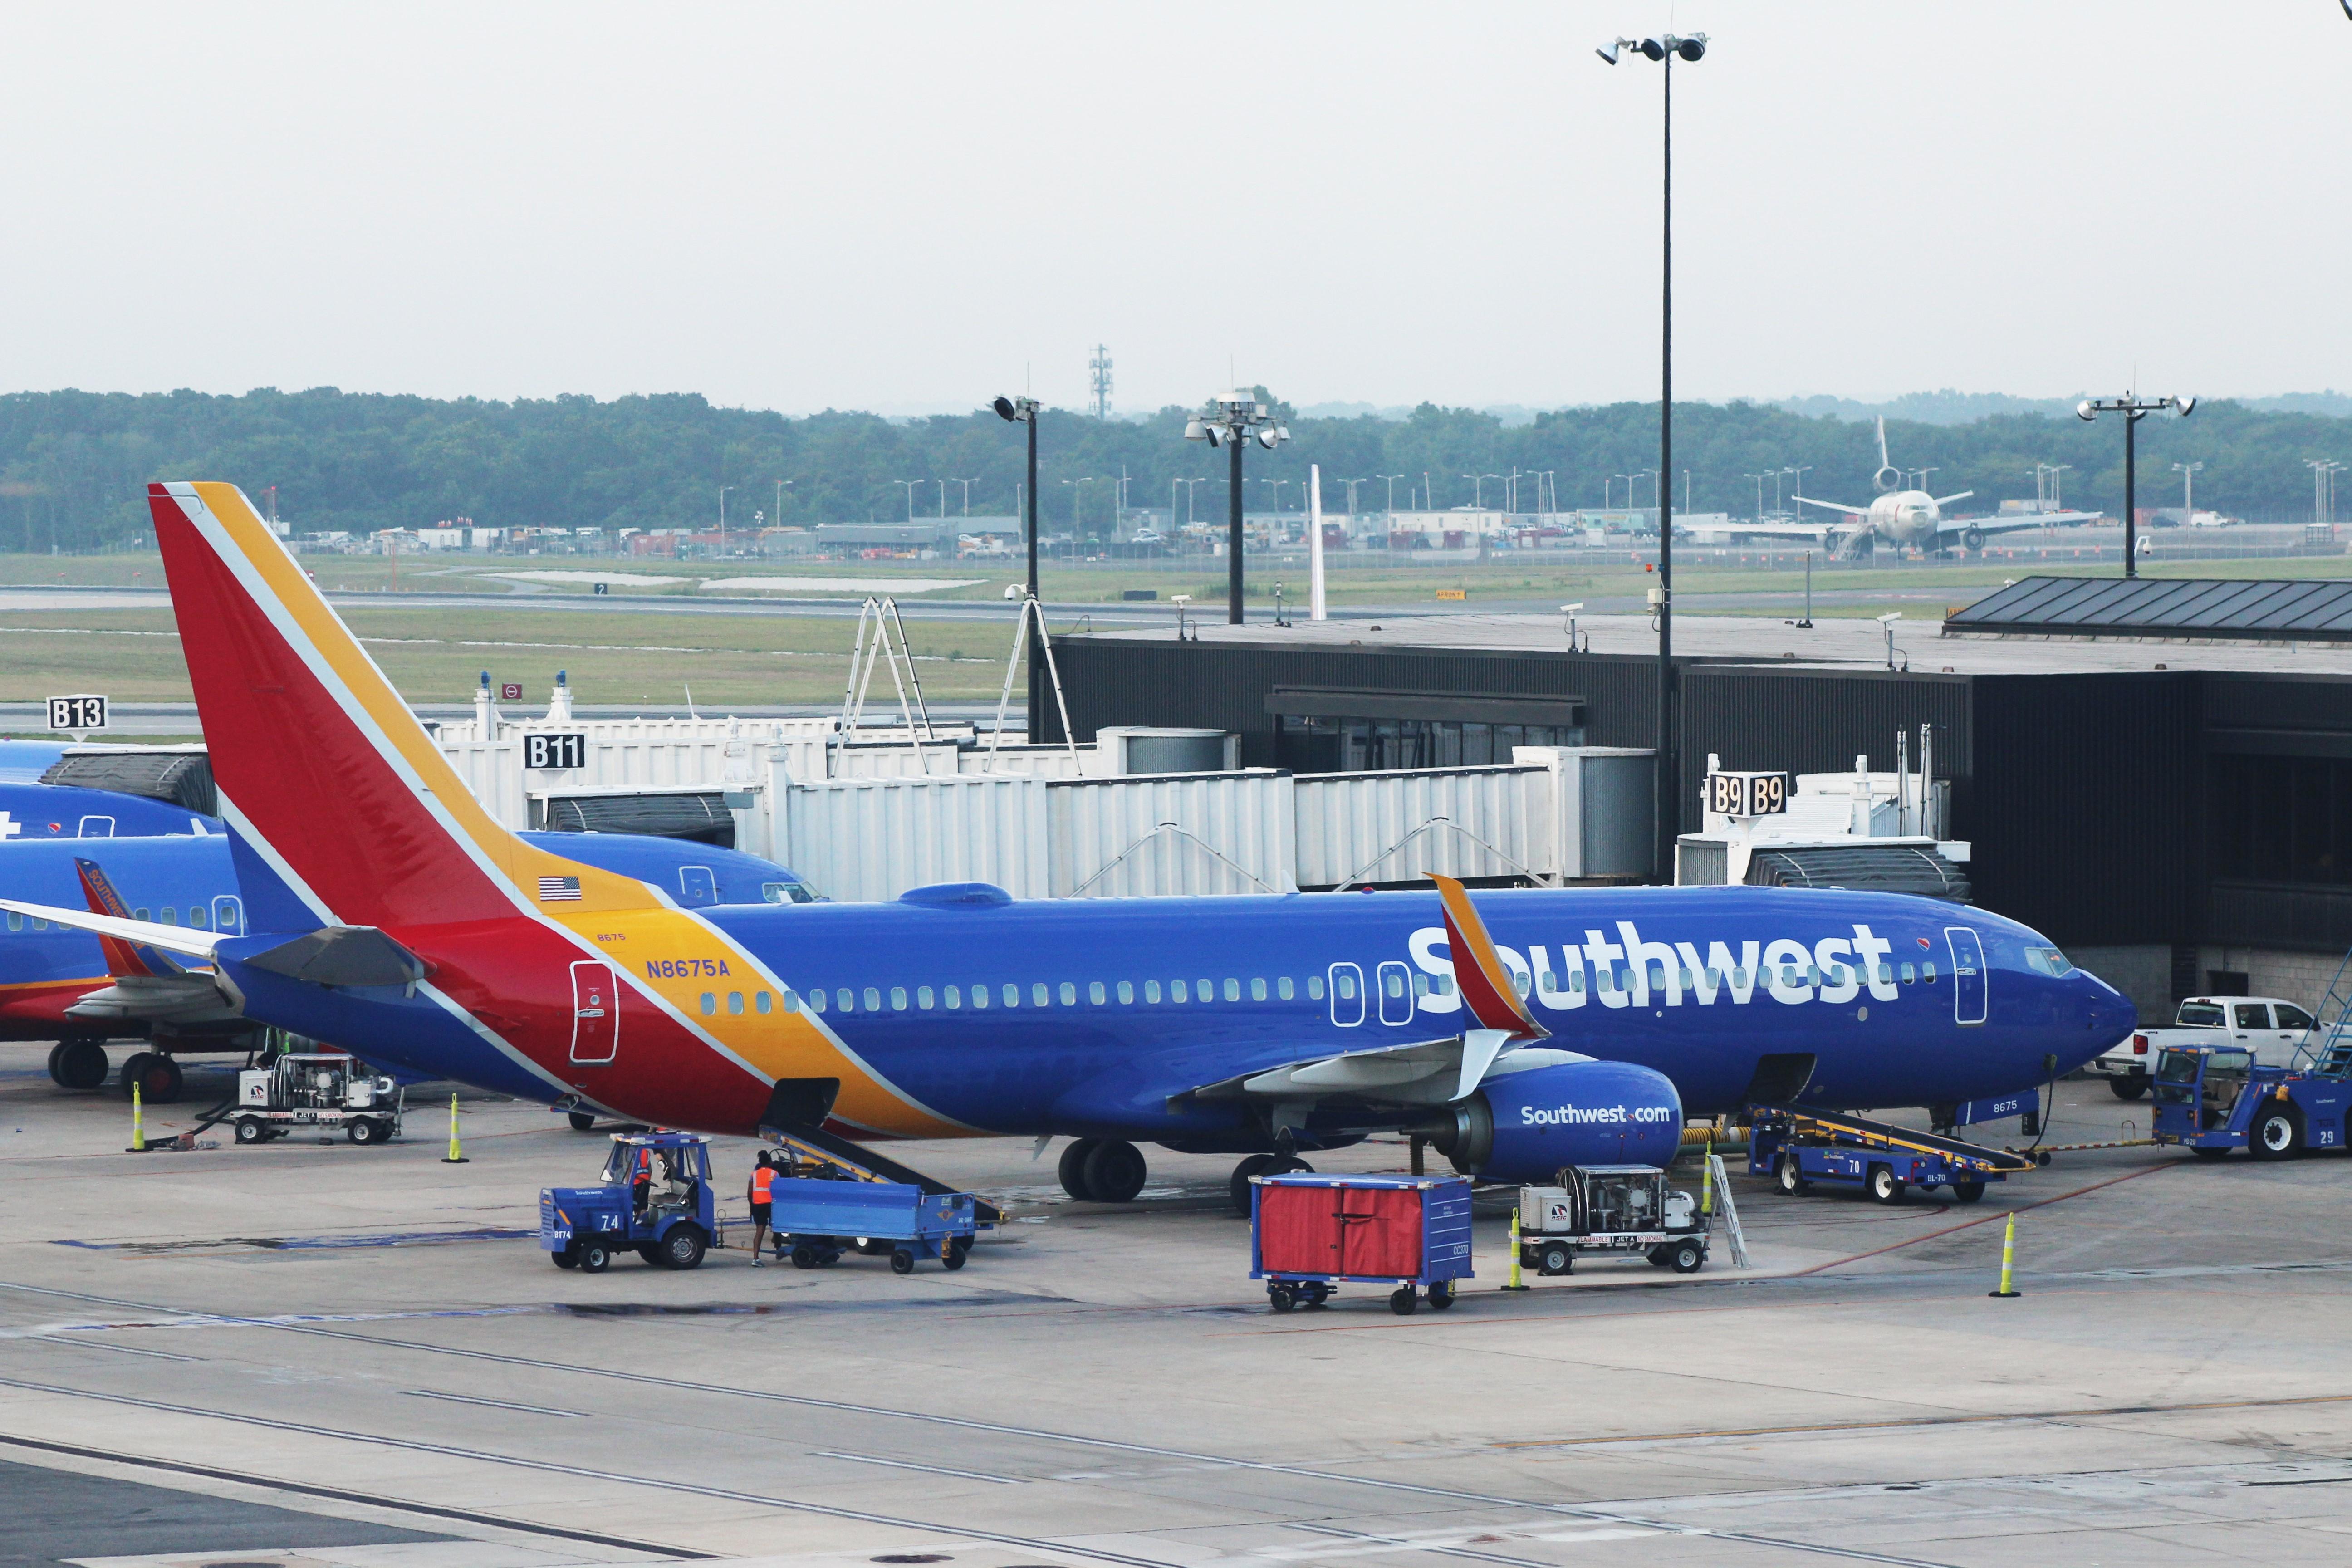 En Boeing 737-800 fra det amerikanske flyselskab Southwest Airlines. Foto: Colton Henline, CC 4.0